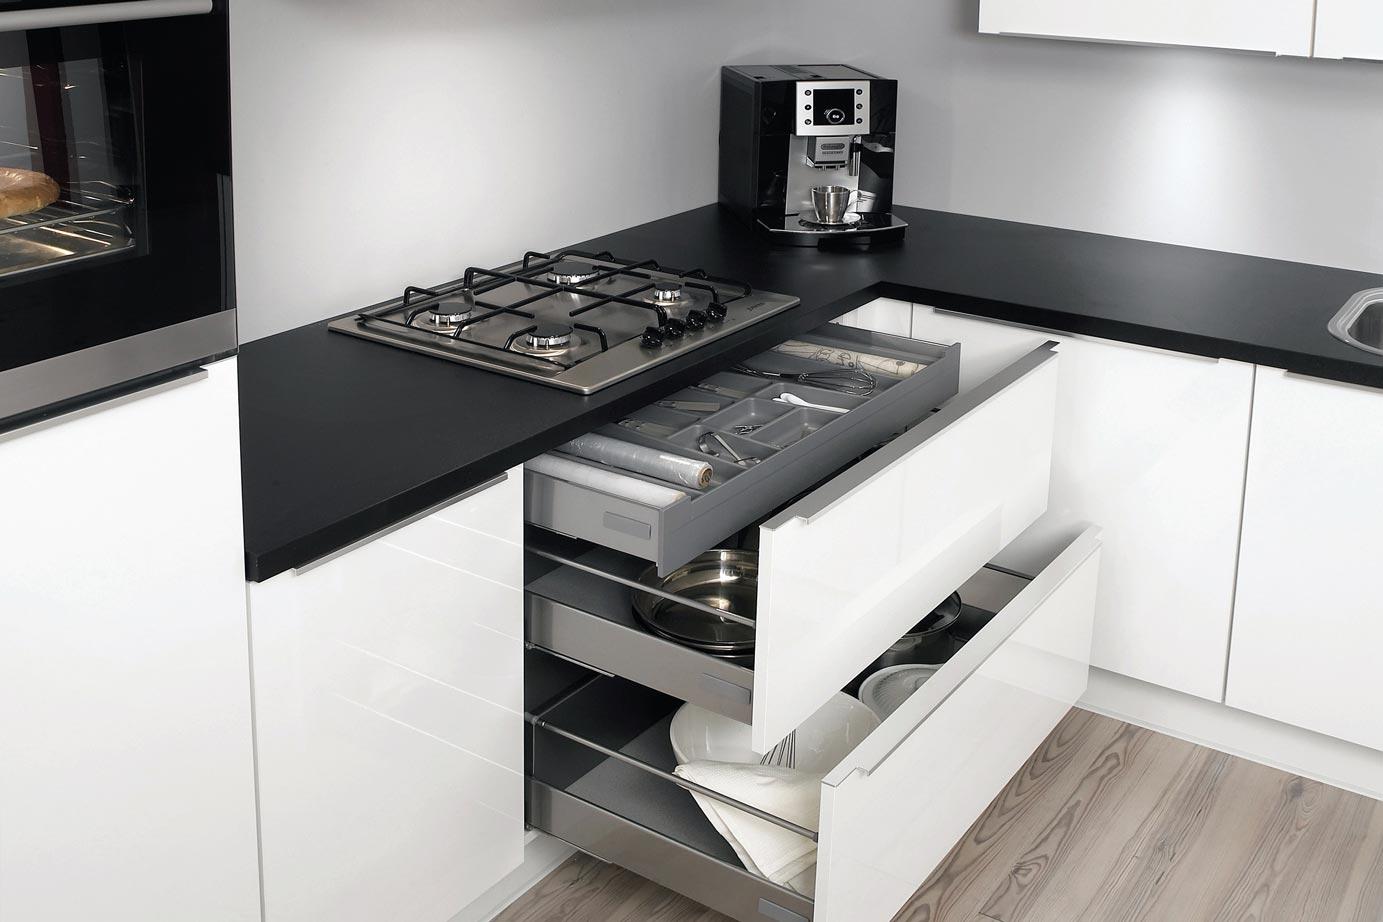 Witte Hoogglans Keuken Met Wit Blad : Keukenstijlen. keukens passend bij elke woningstijl. keur